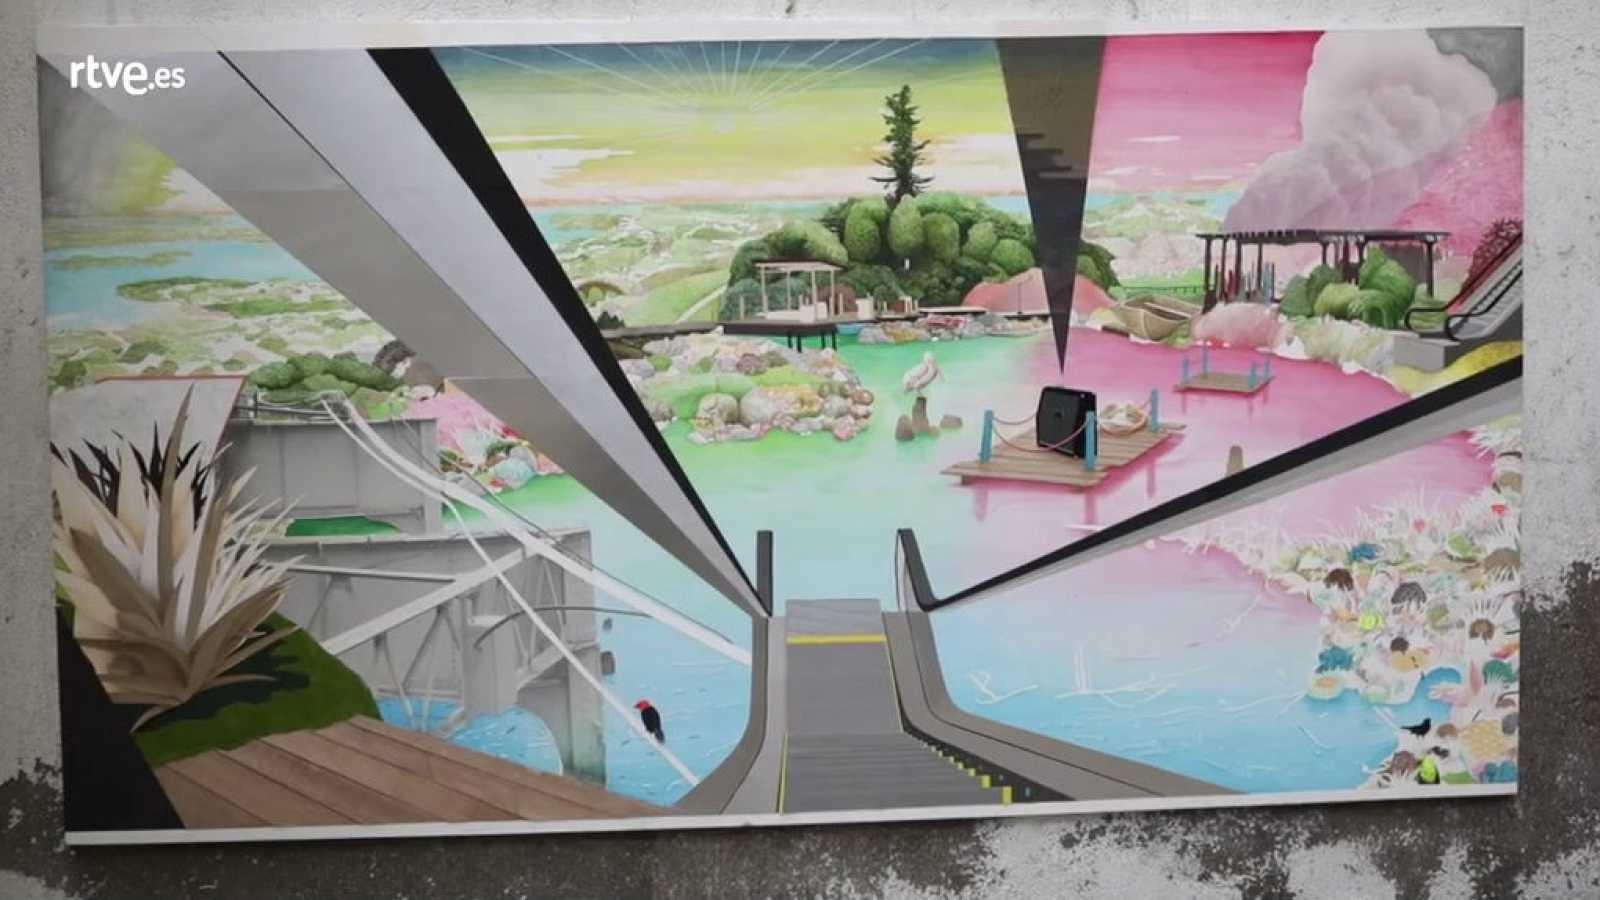 Desatados - 20 Santiago Talavera, Artista Visual - 19/01/18 - ver ahora